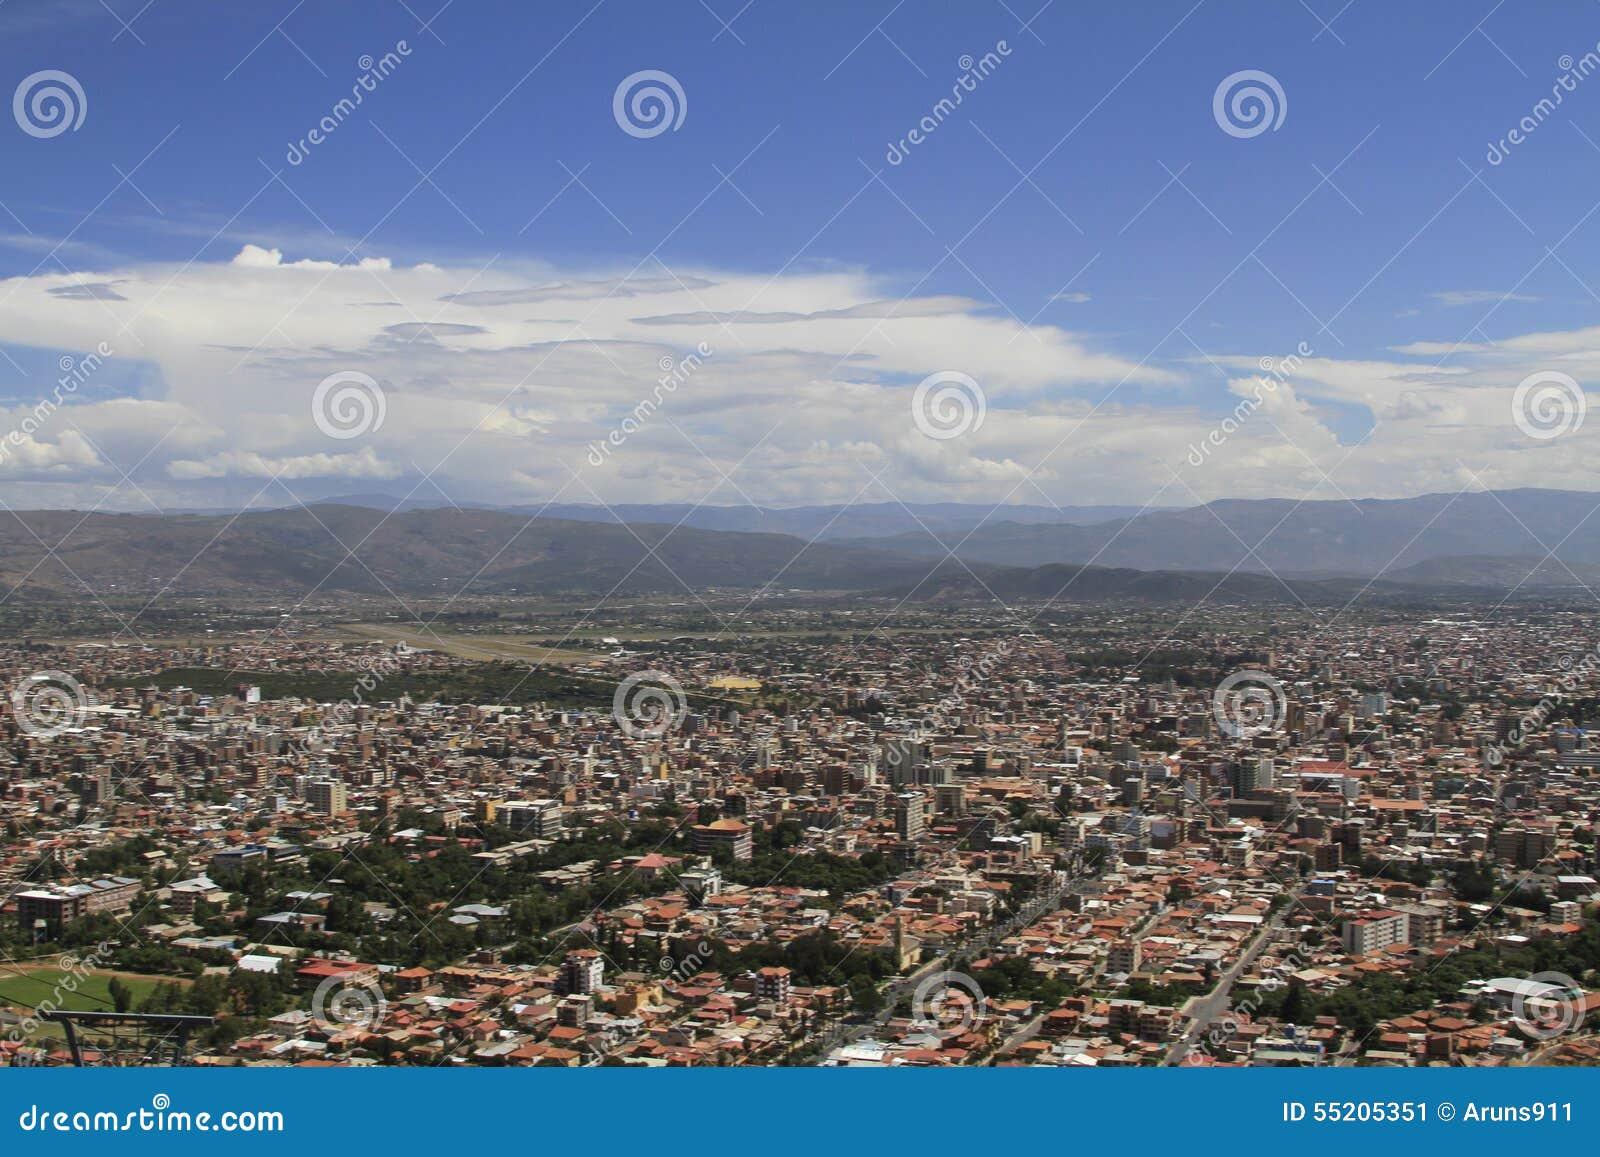 Ciudad de Cochamba, Bolivia